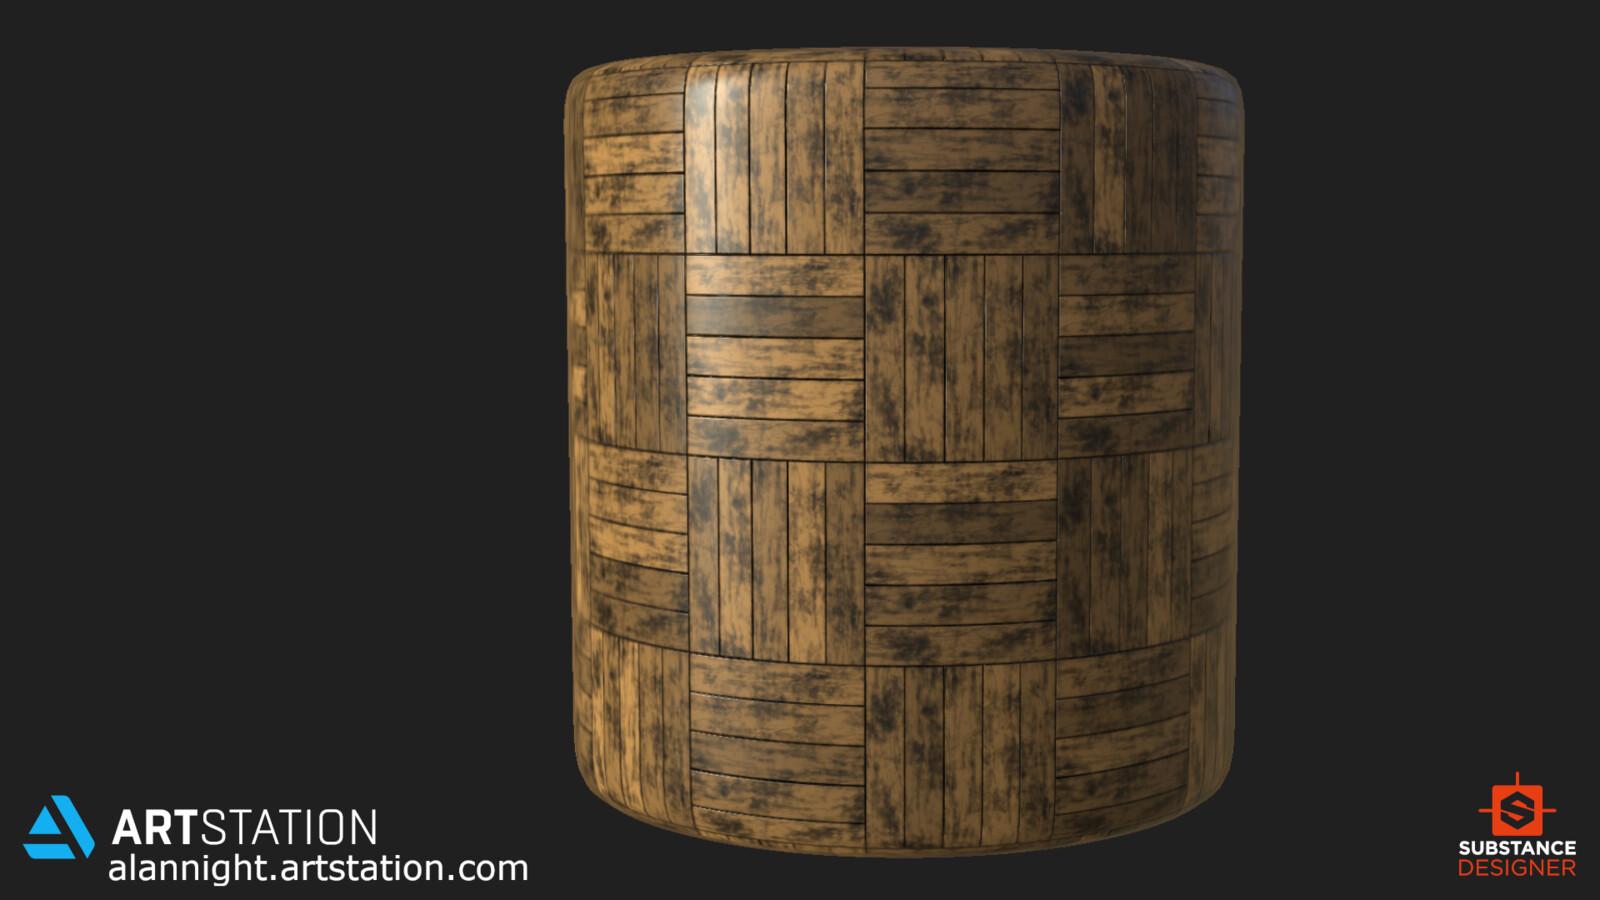 Cylinder Render in Substance Designer